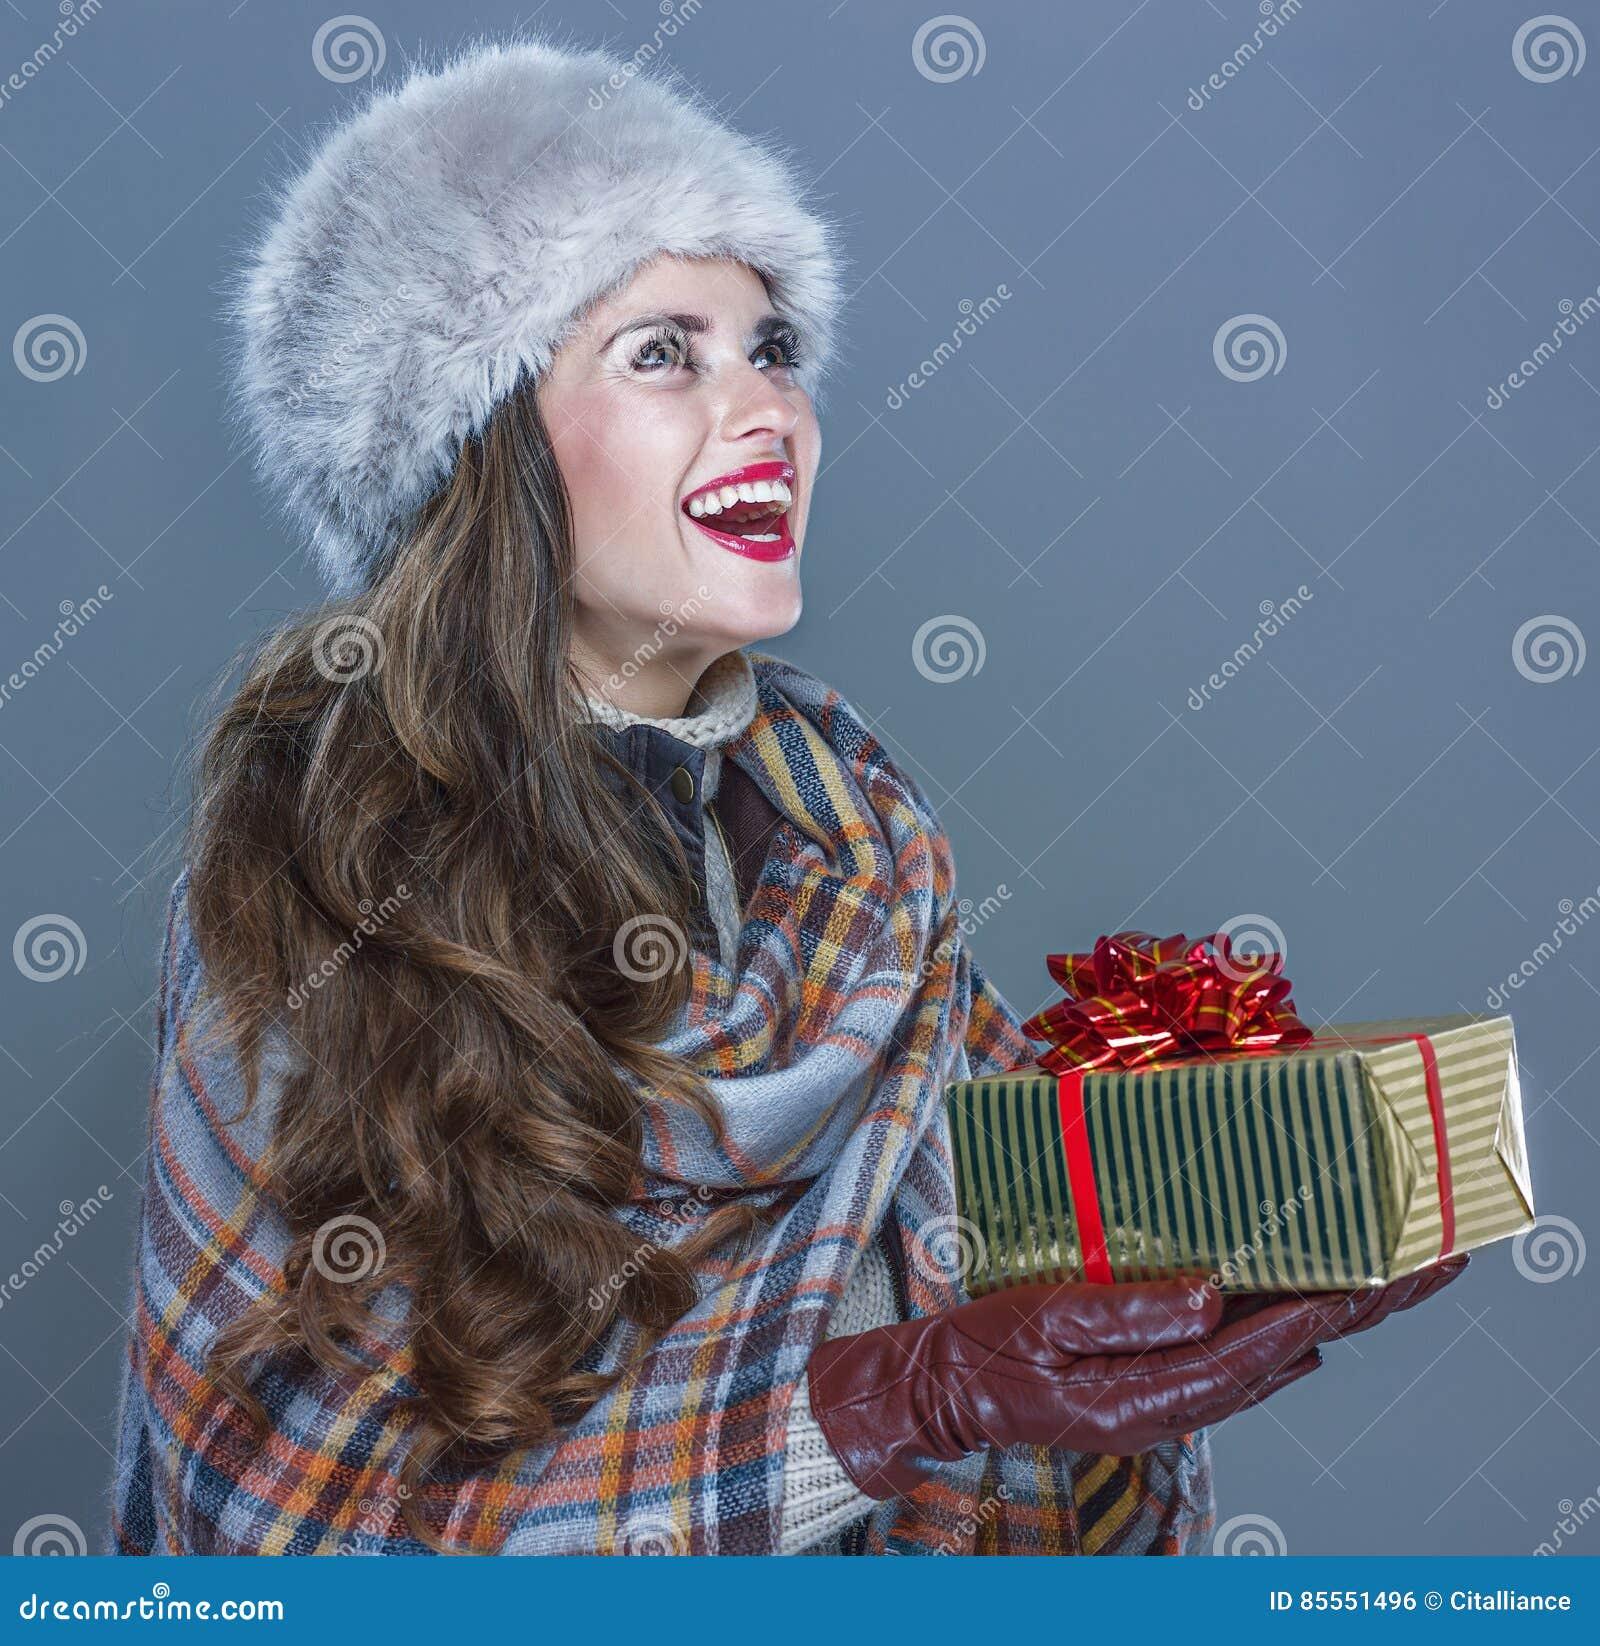 Glückliche Frau lokalisiert auf dem kalten blauen Hintergrund, der Präsentkarton gibt